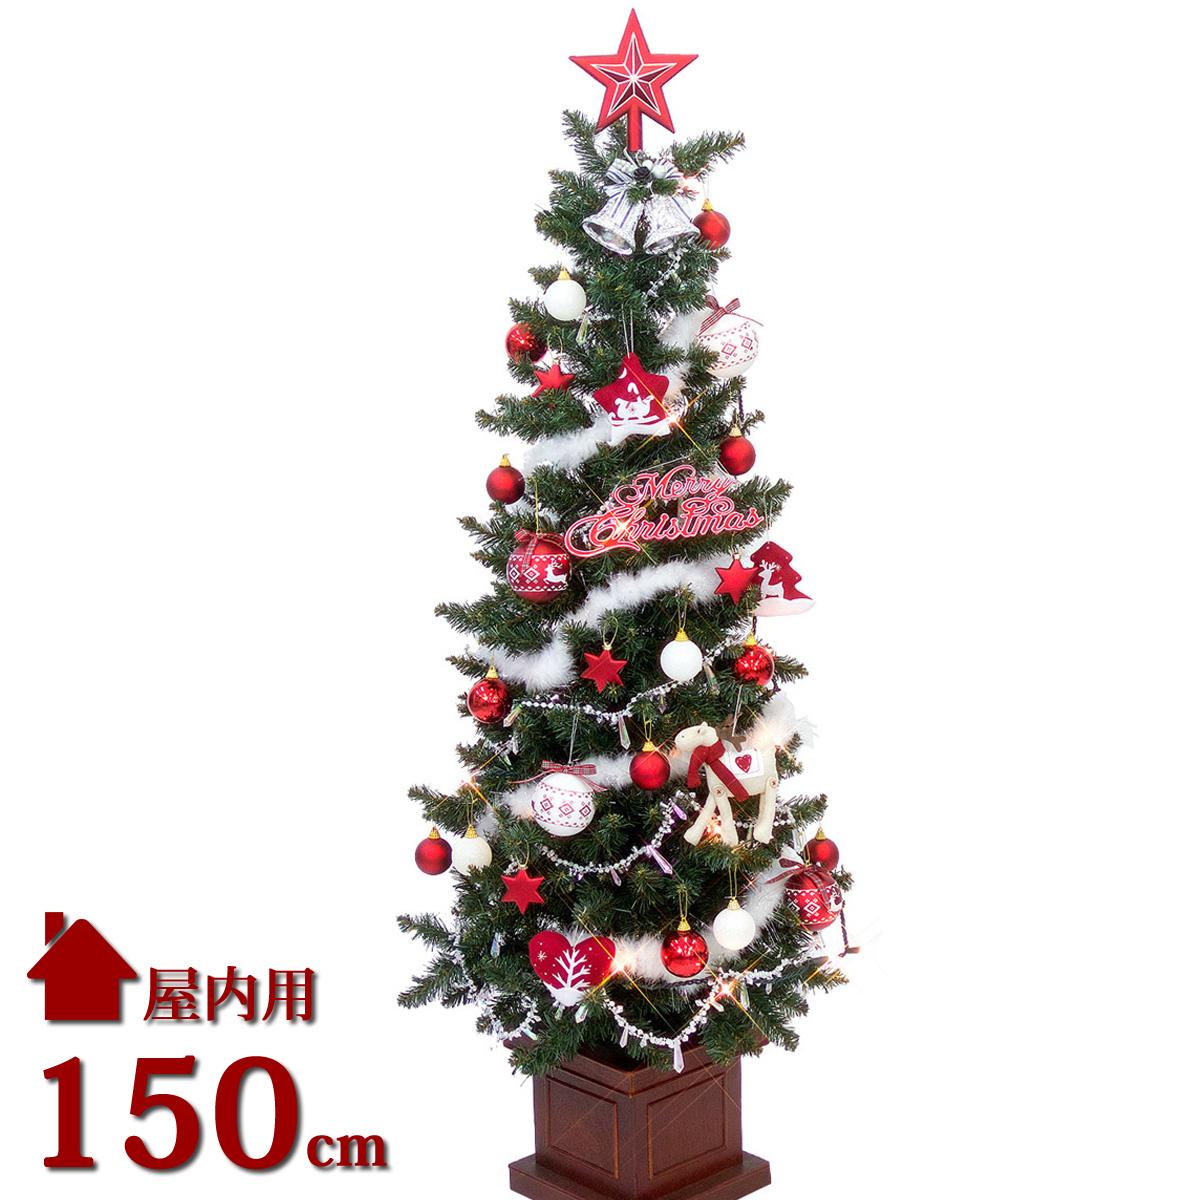 【8/8~8/16】夏期休暇 クリスマスツリー セット 150cm 木製ポット スリムセット LED ノルディック 北欧 おしゃれ ポットツリー